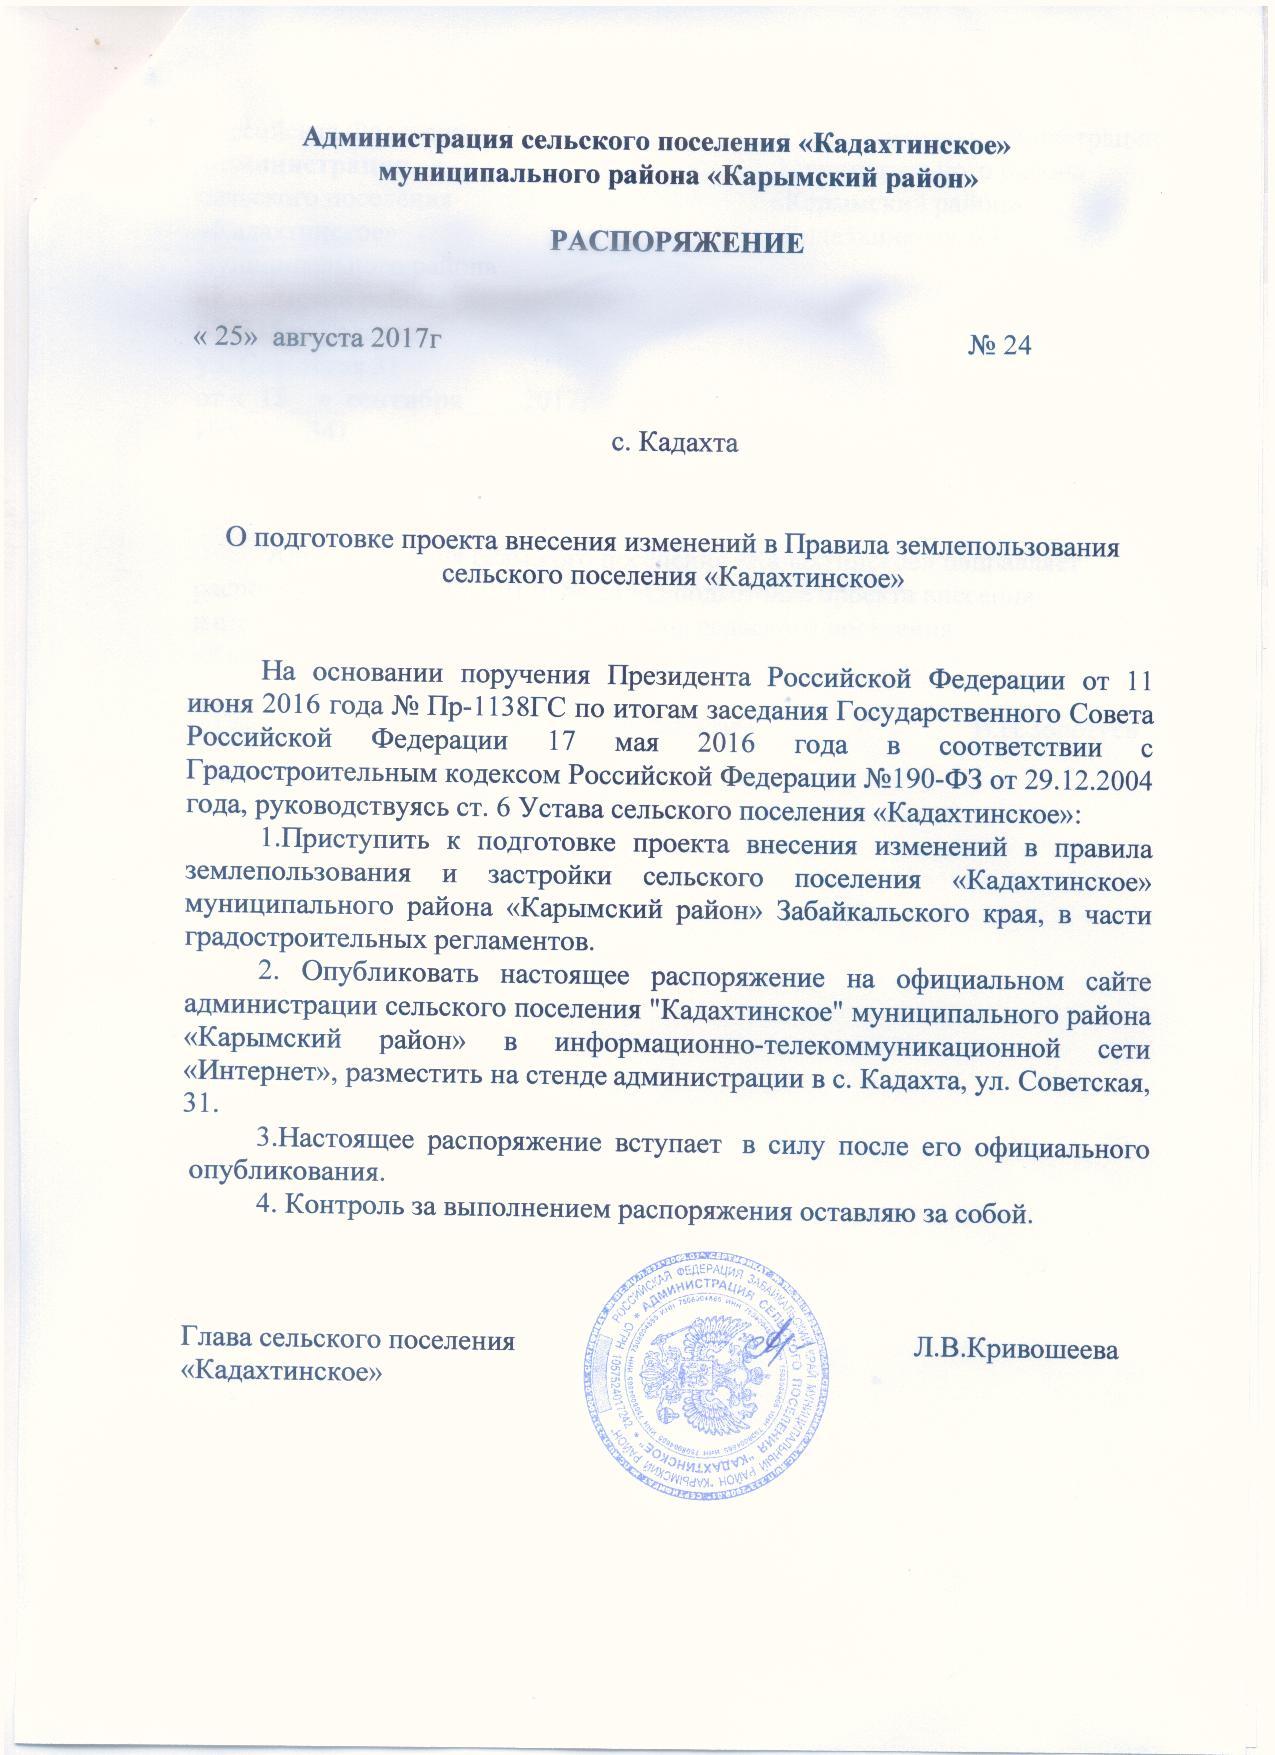 сп Кадахтинское внес изм в ПЗЗ